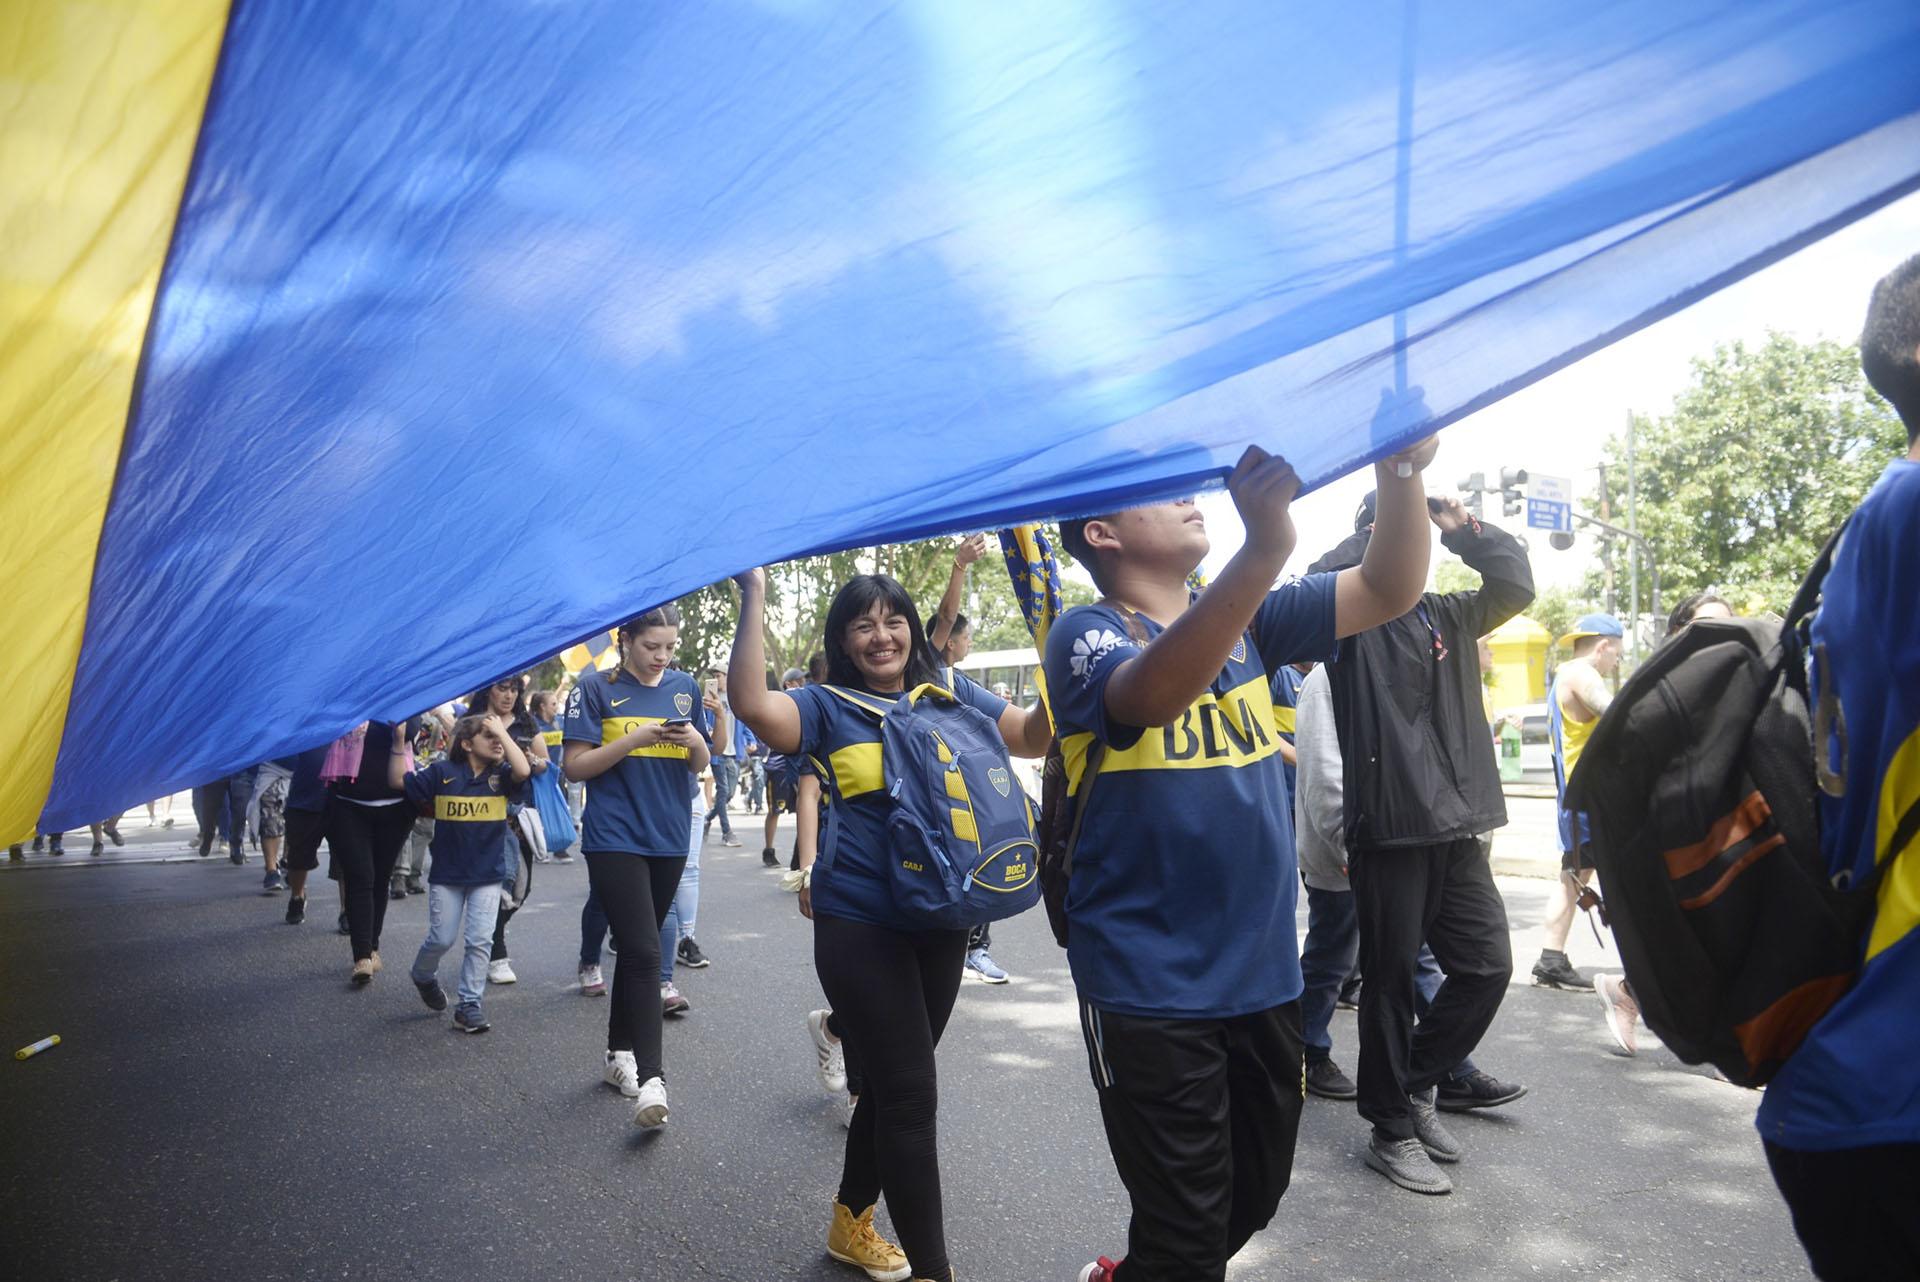 Cerca de las 15, el micro del plantel de Boca partirá hacia el estadio Monumental. Los hinchas lo despedirán y lo acompañarán por algunas cuadras en una suerte de caravana